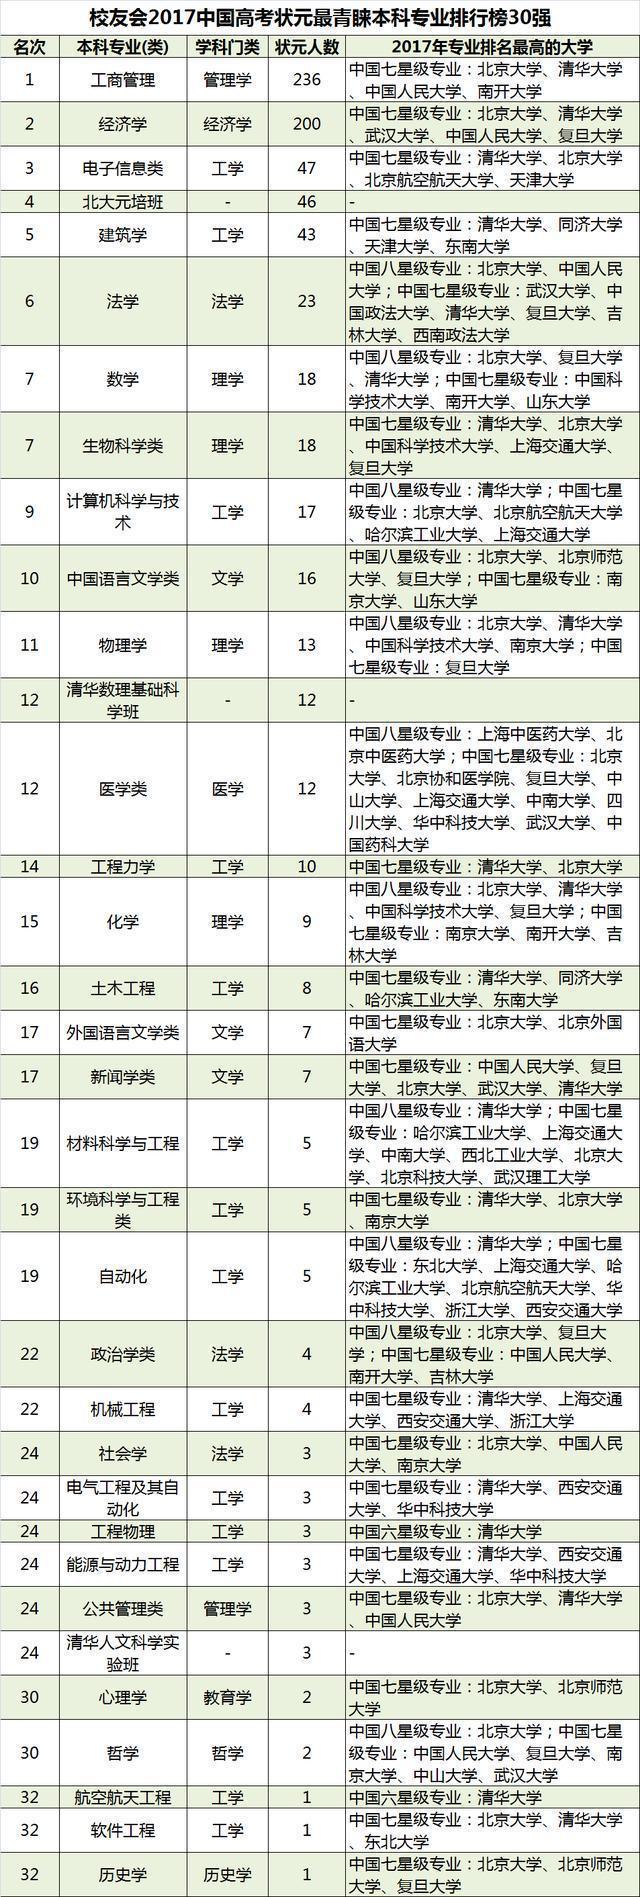 2018中国高考状元调查报告出炉,清华大学最受状元青睐!